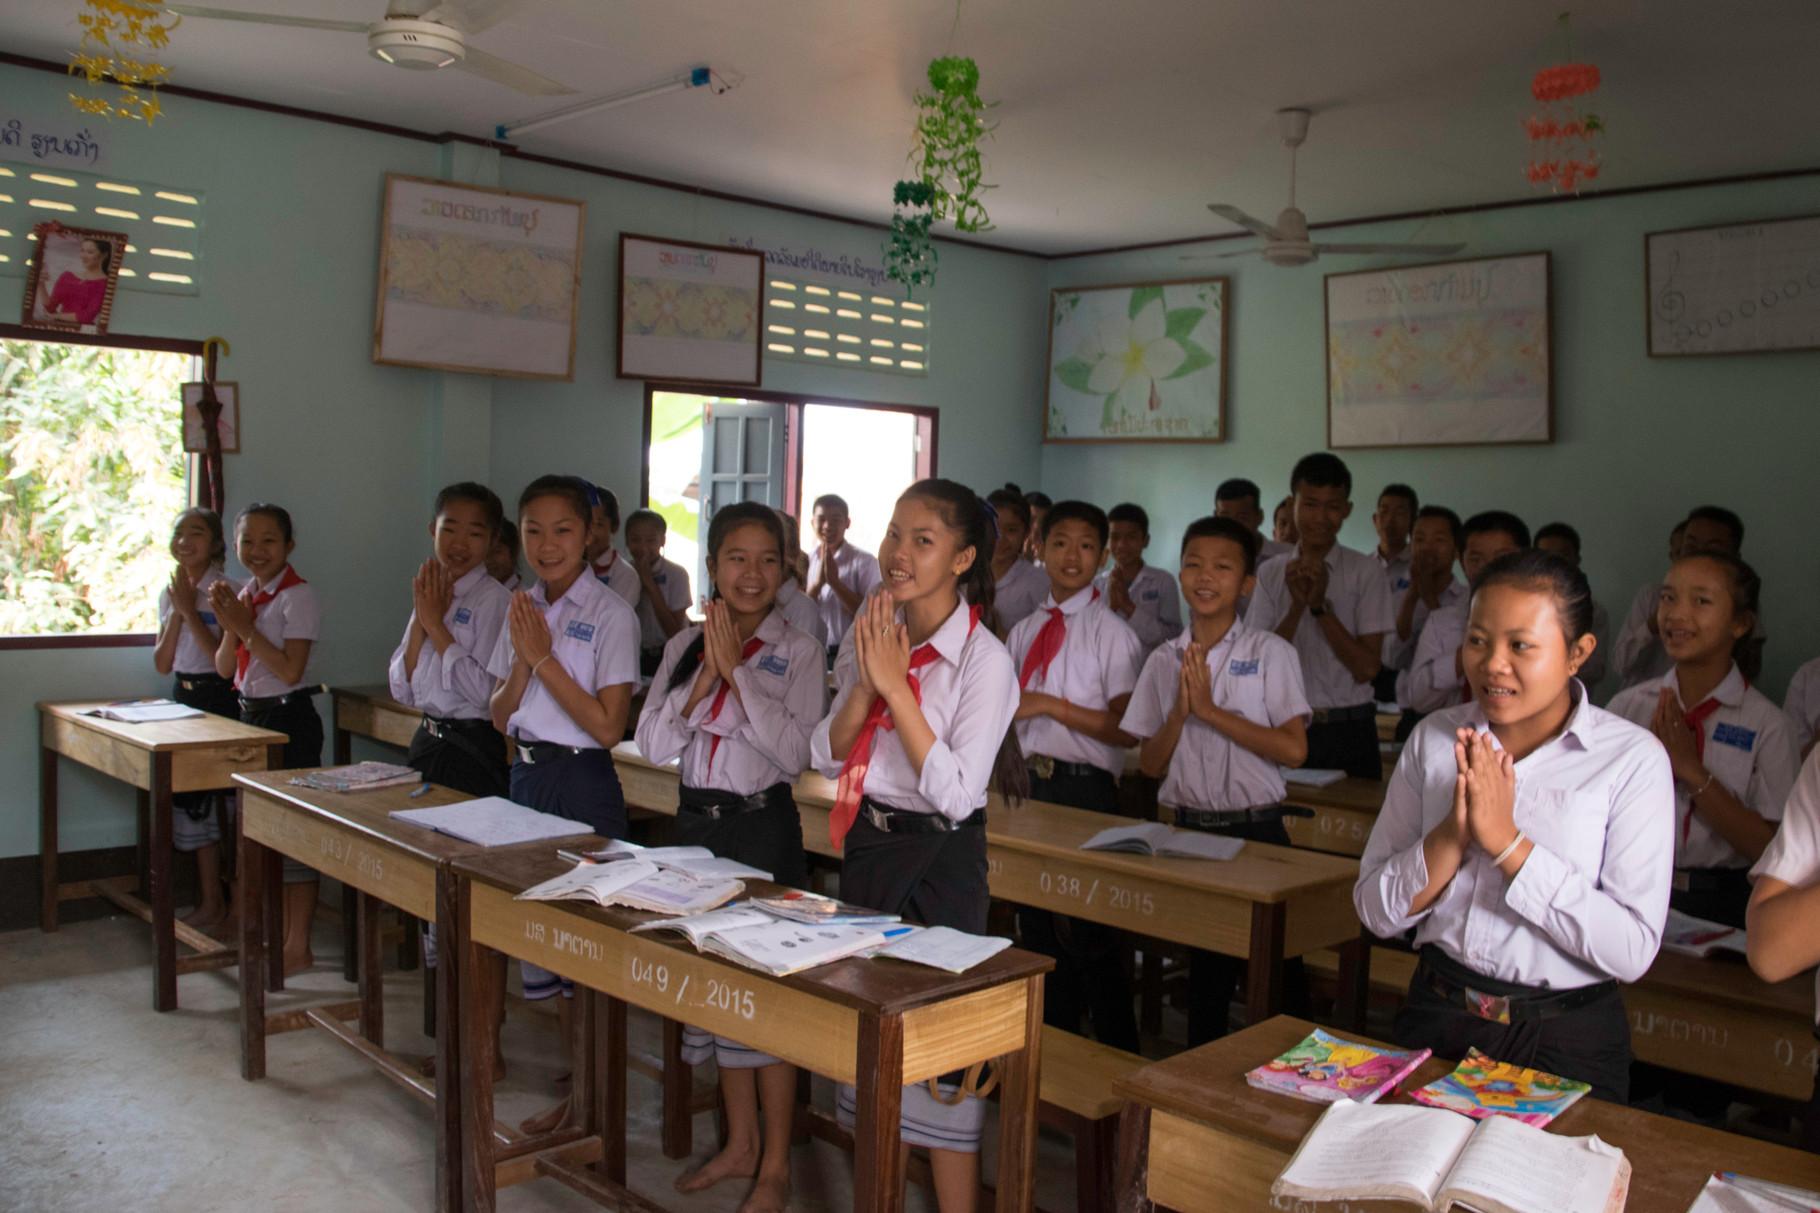 Laotische Begrüssung